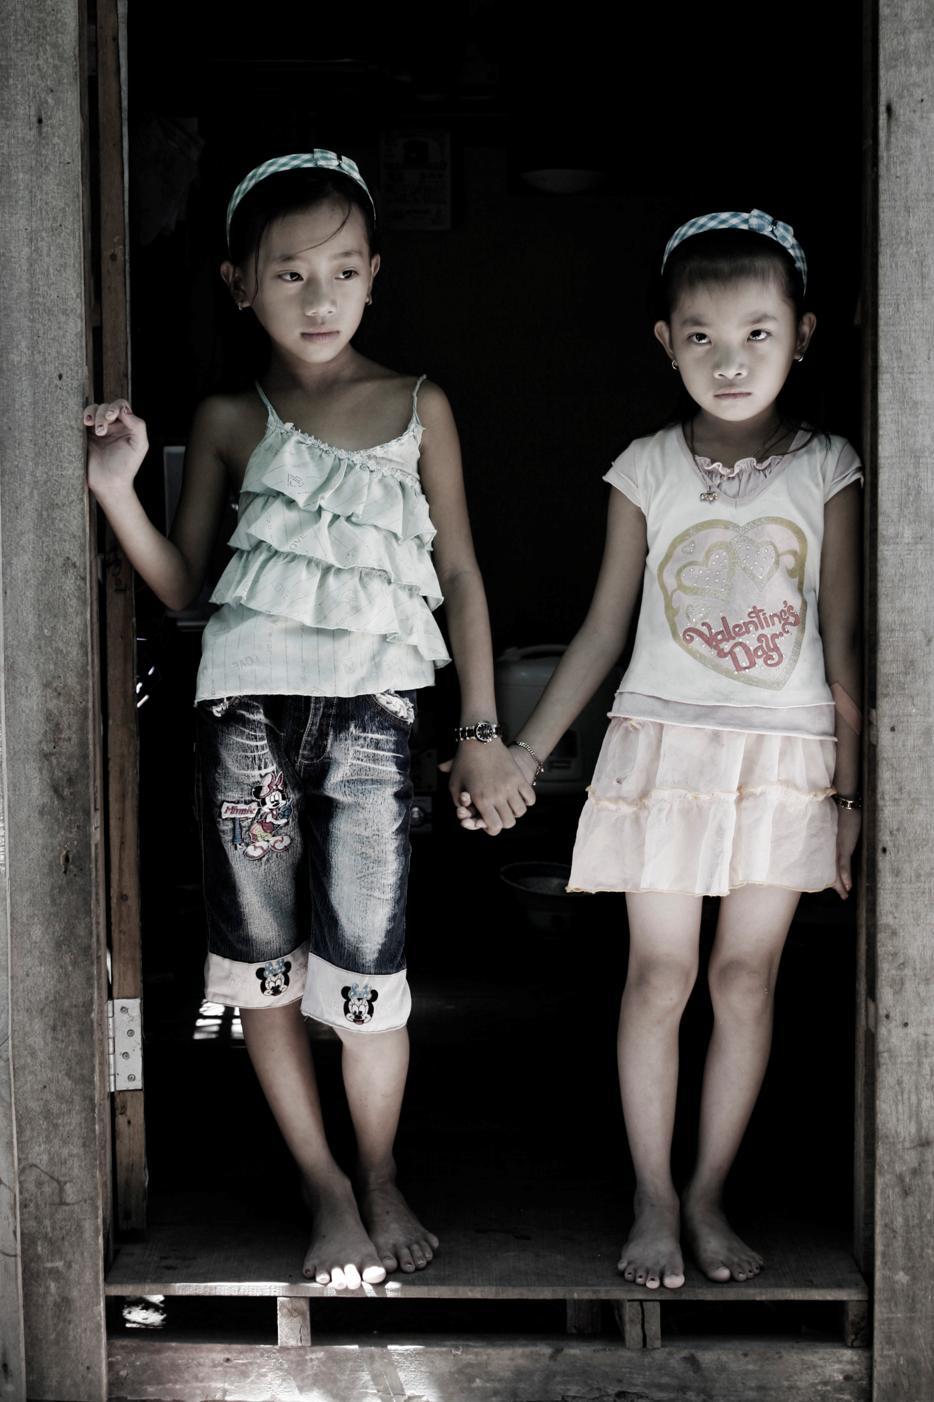 phnom penh go go girls